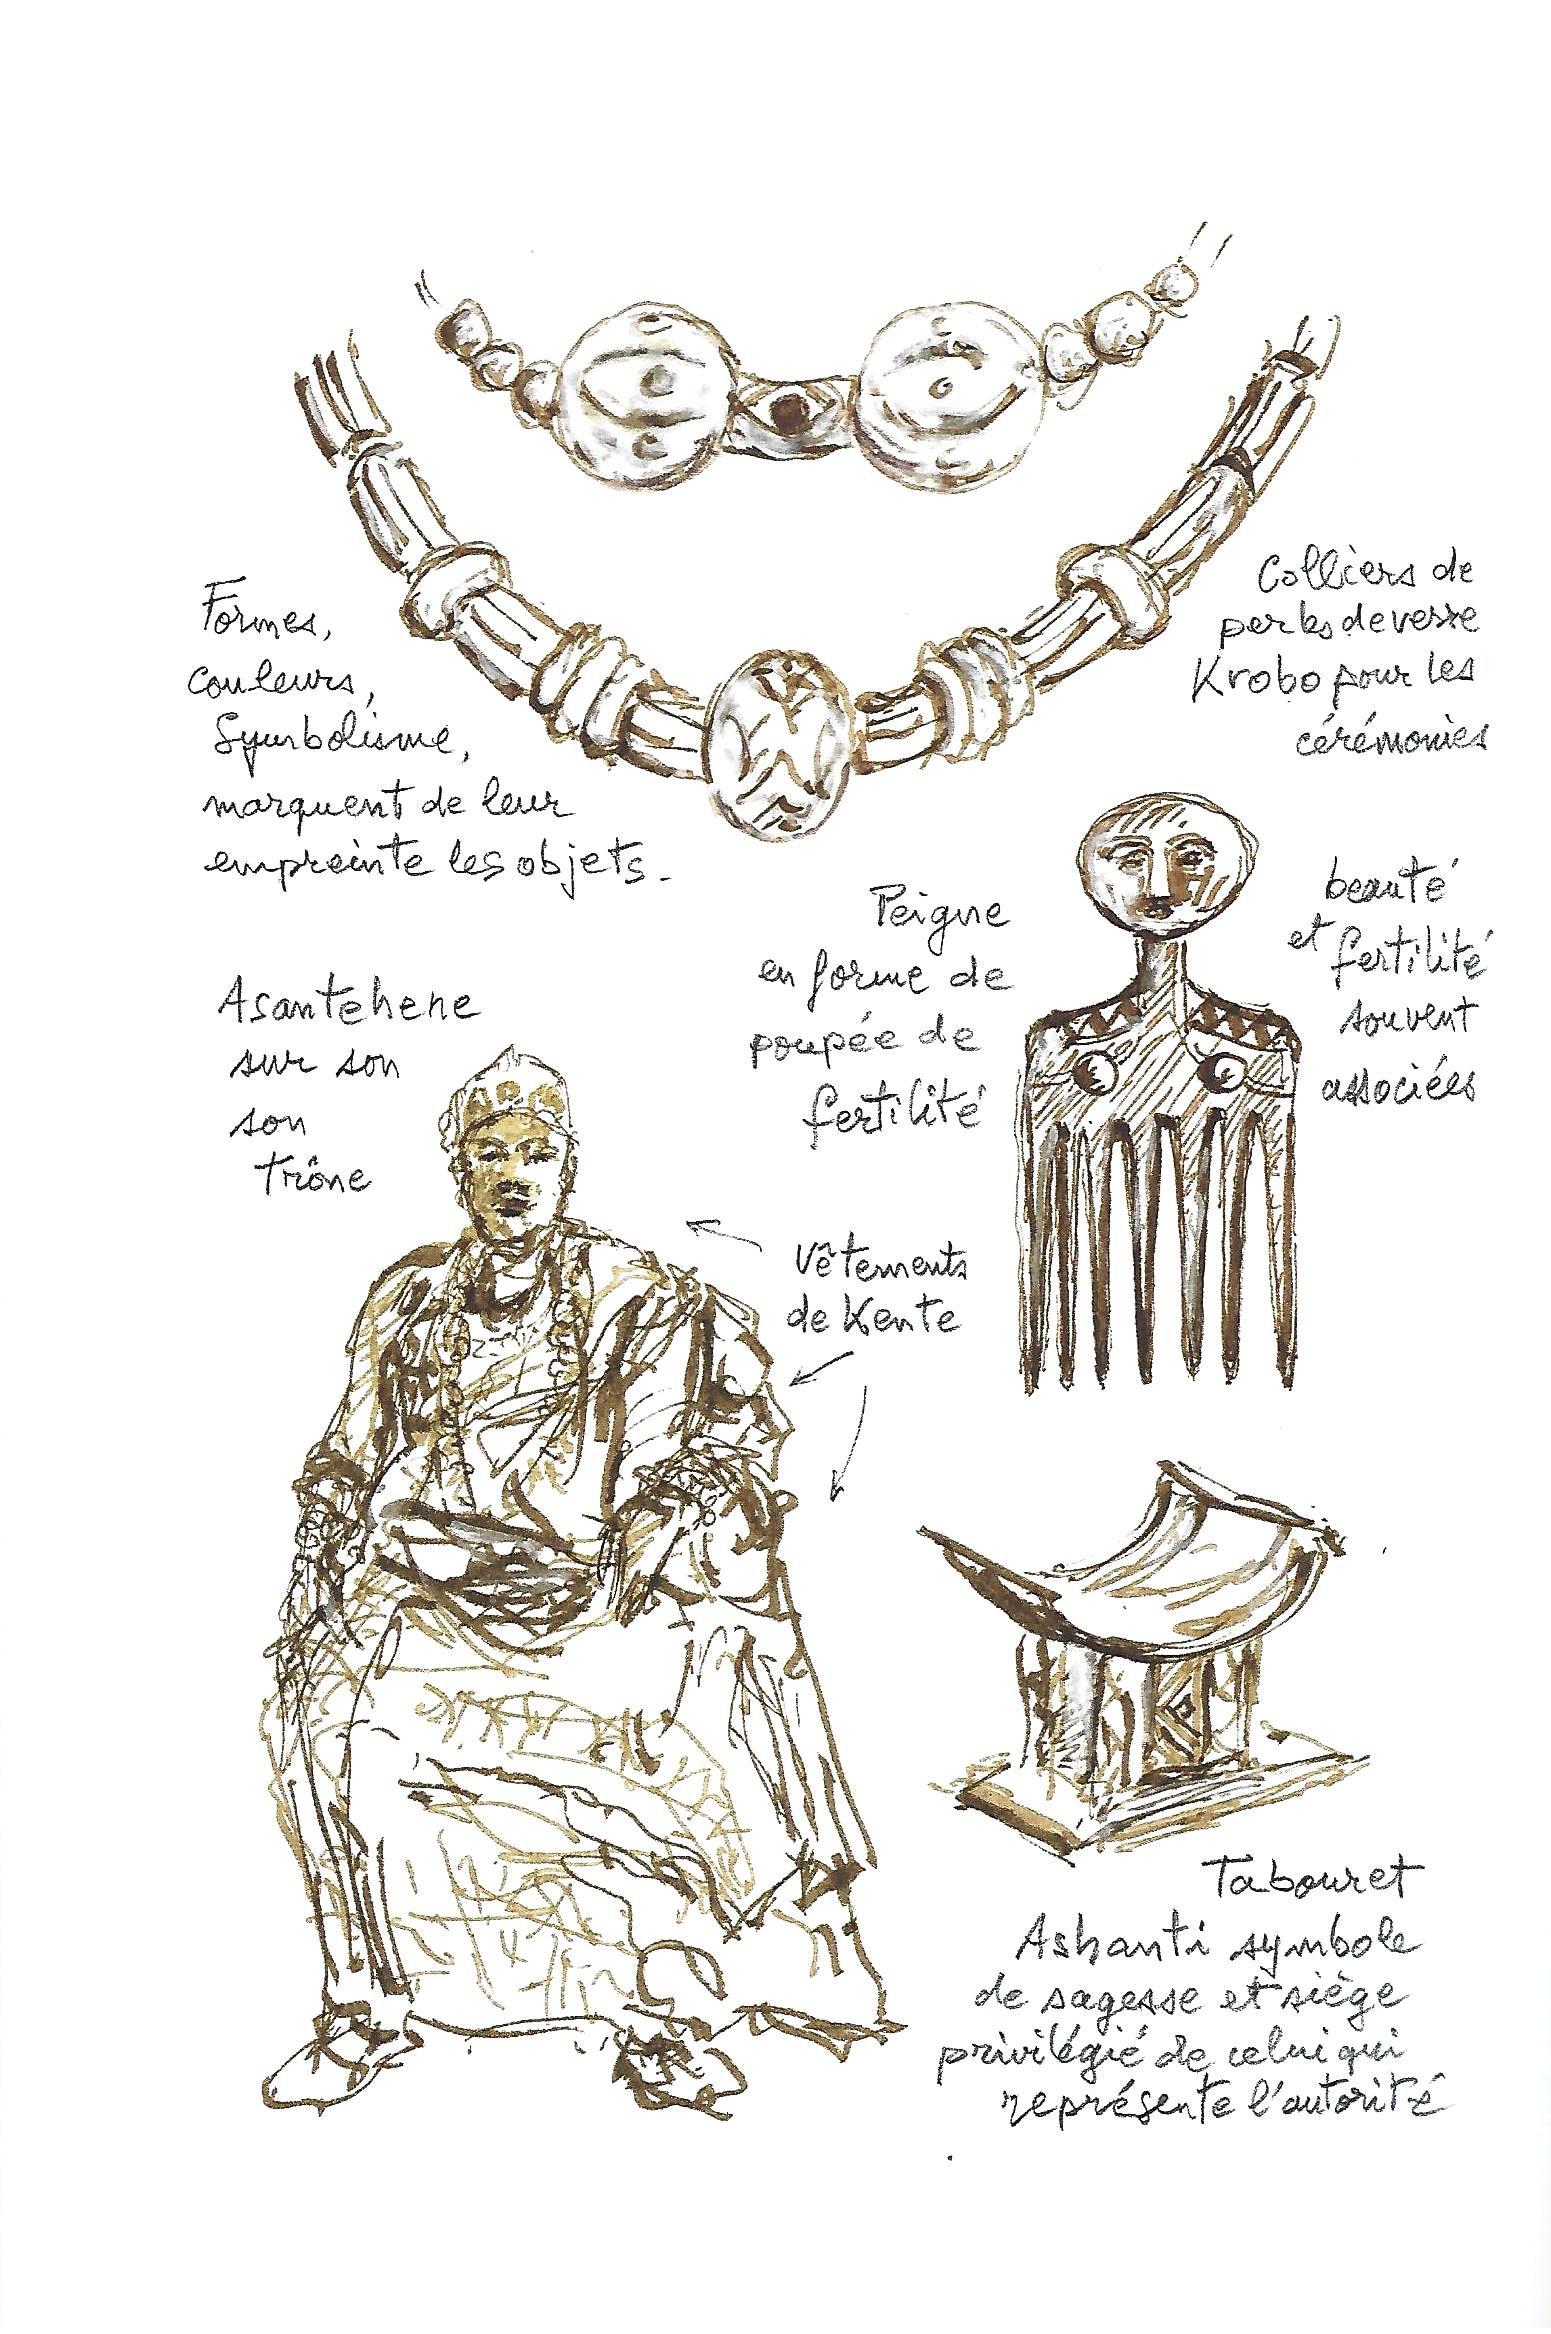 Page Carnet de voyage Alain Marc - 2